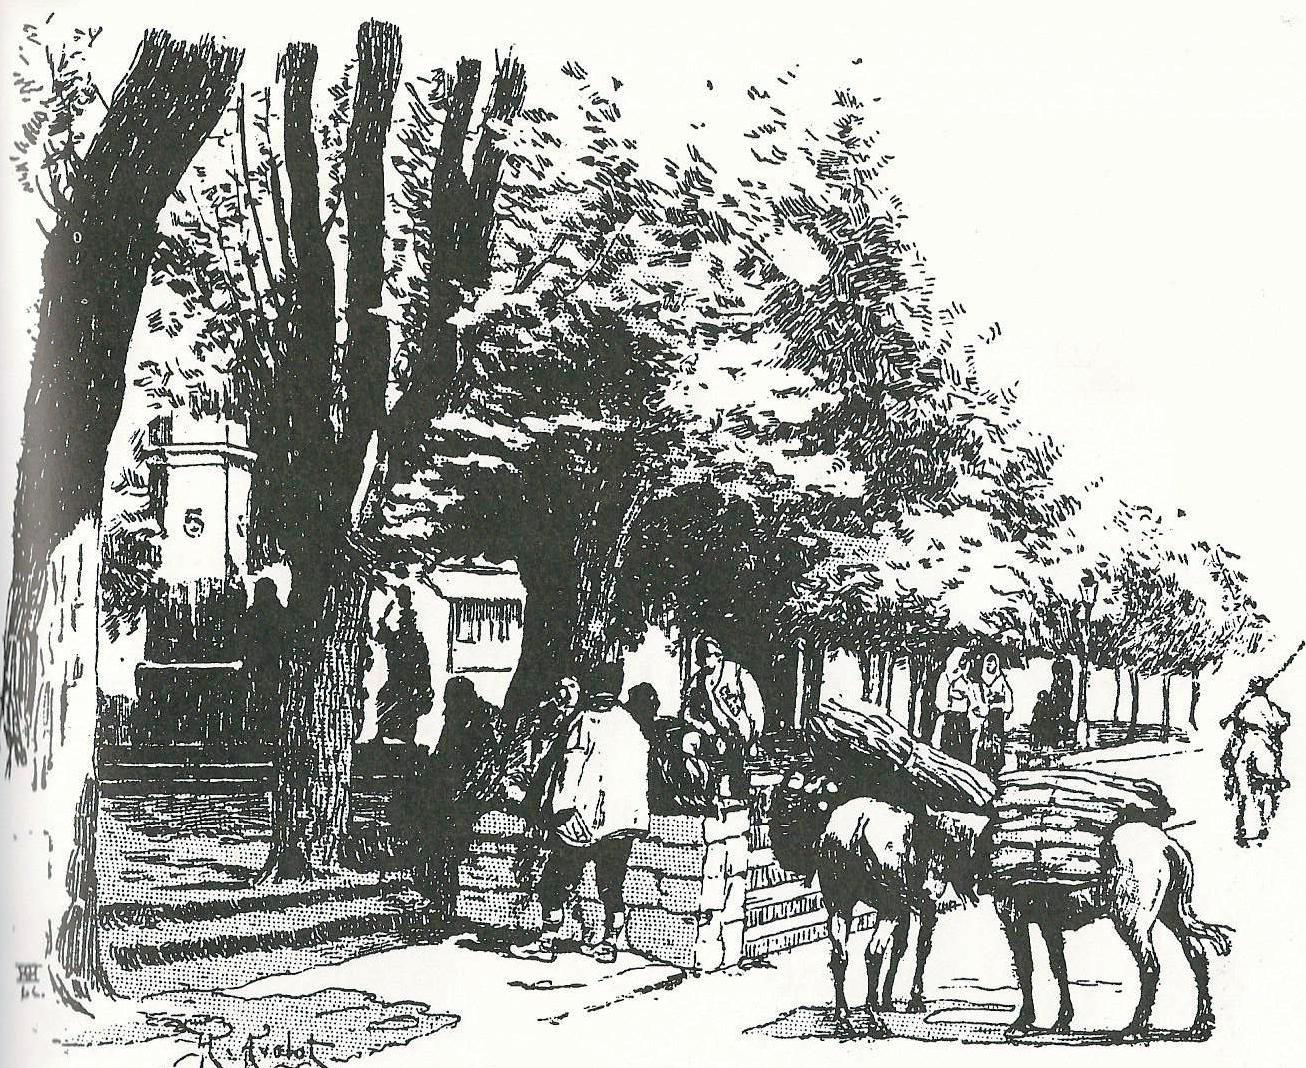 h-avelot-trznica-u-kninu-1895